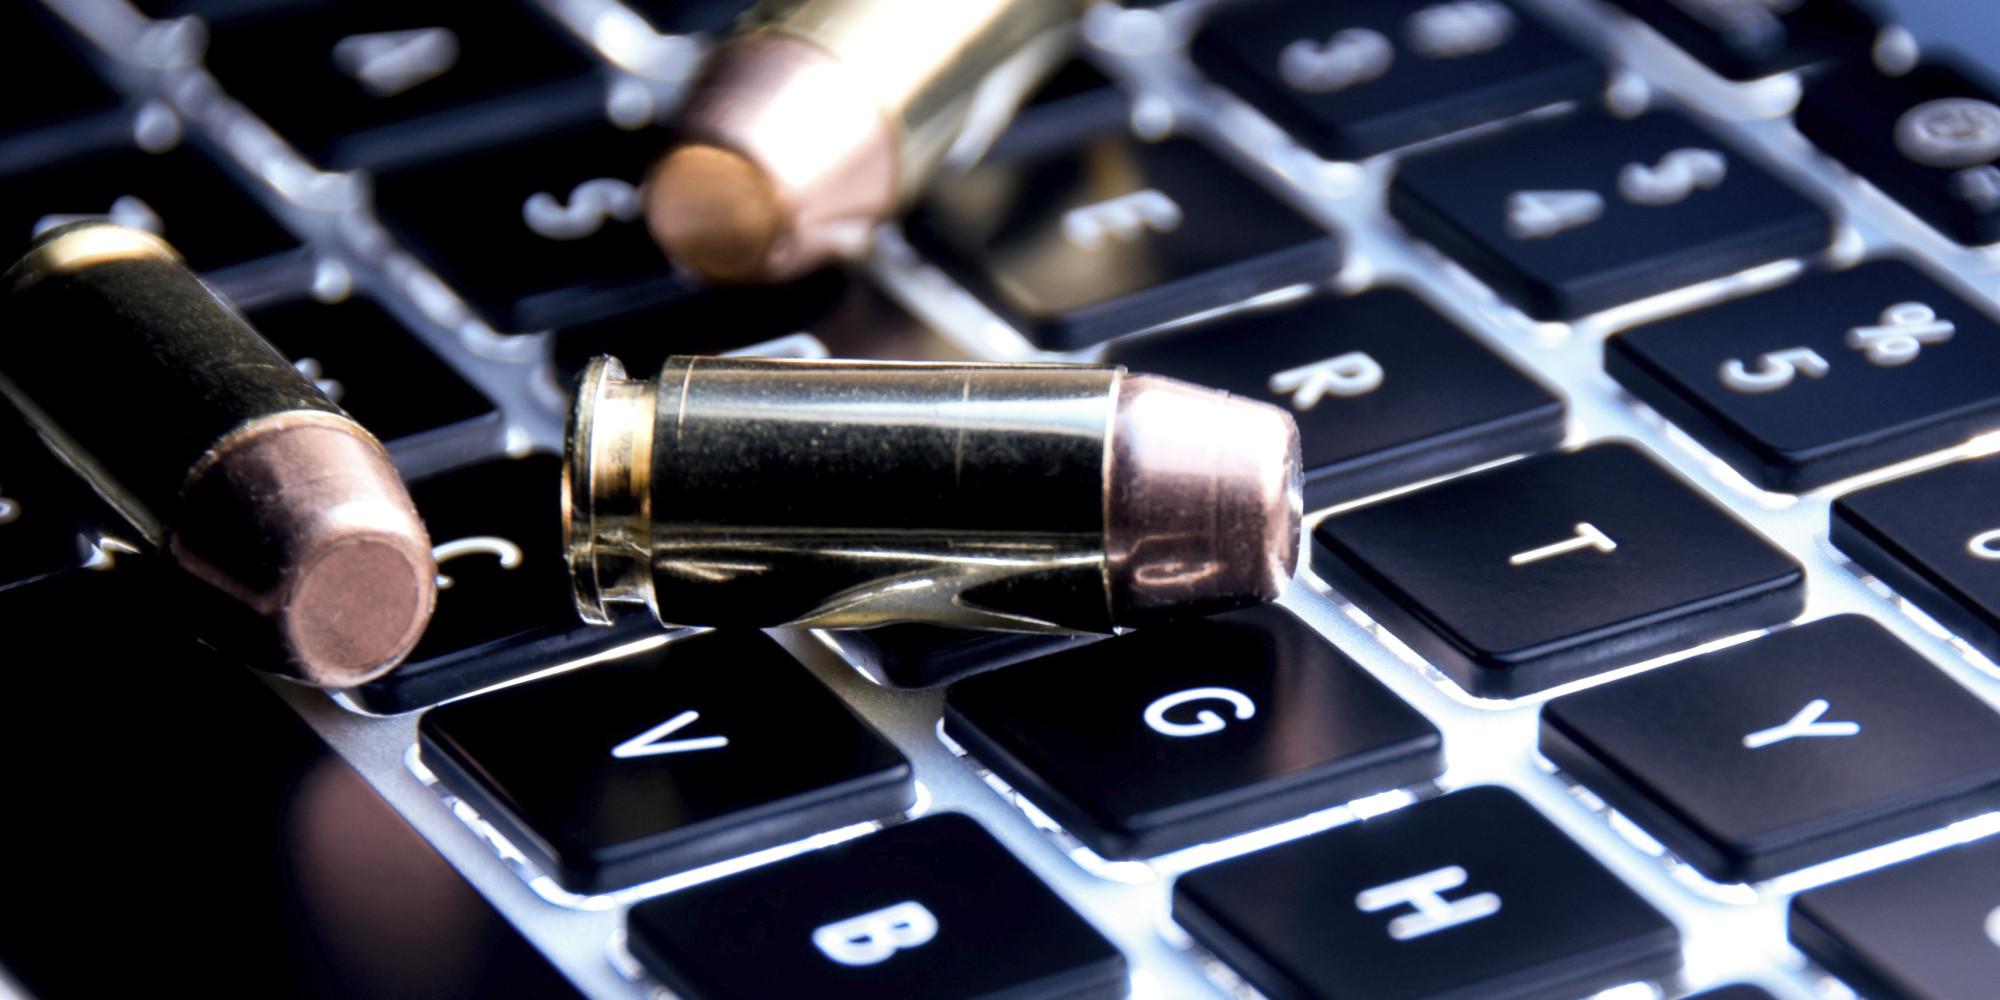 Блогер выявил интернет-ботов РФ, задействованных в кампании по дискредитации ВСУ: подробности